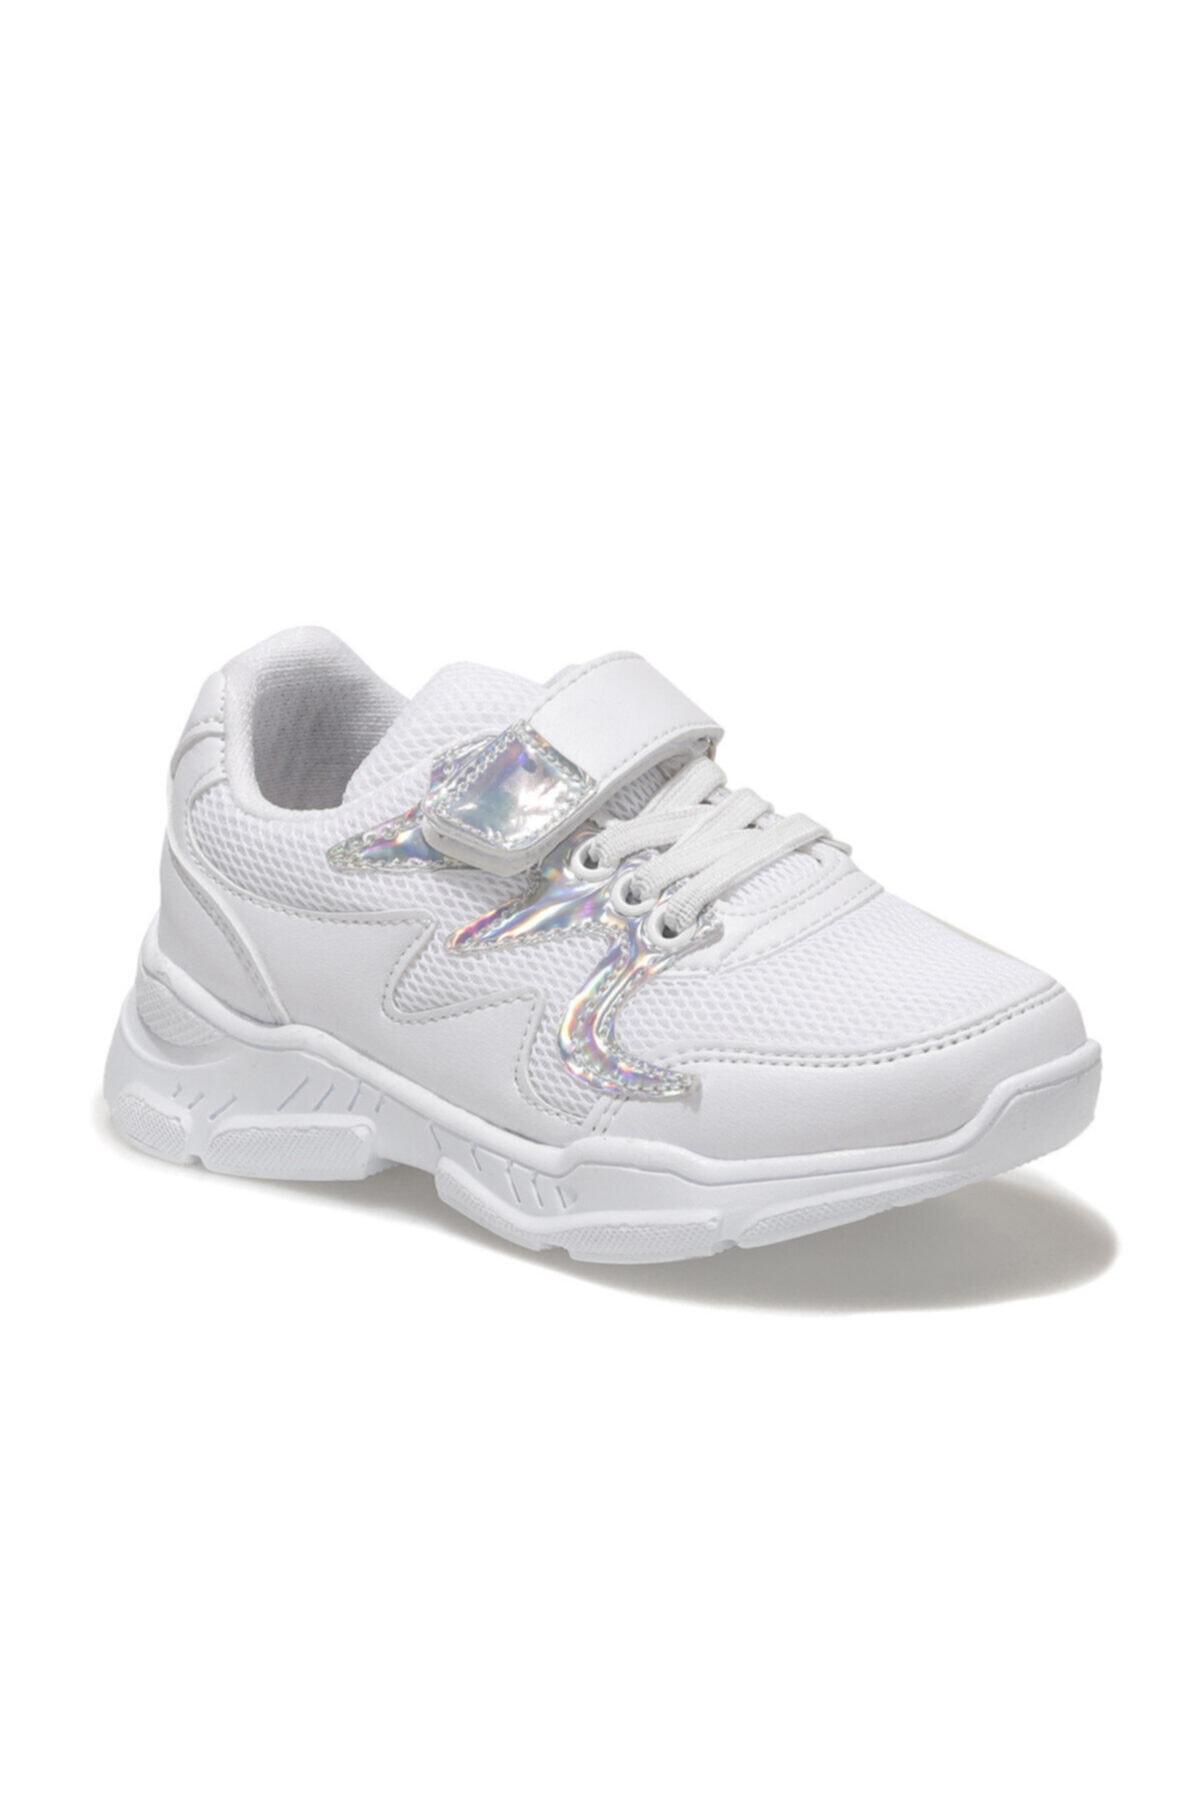 POLLY Beyaz Kız Çocuk Yürüyüş Ayakkabısı 100664304